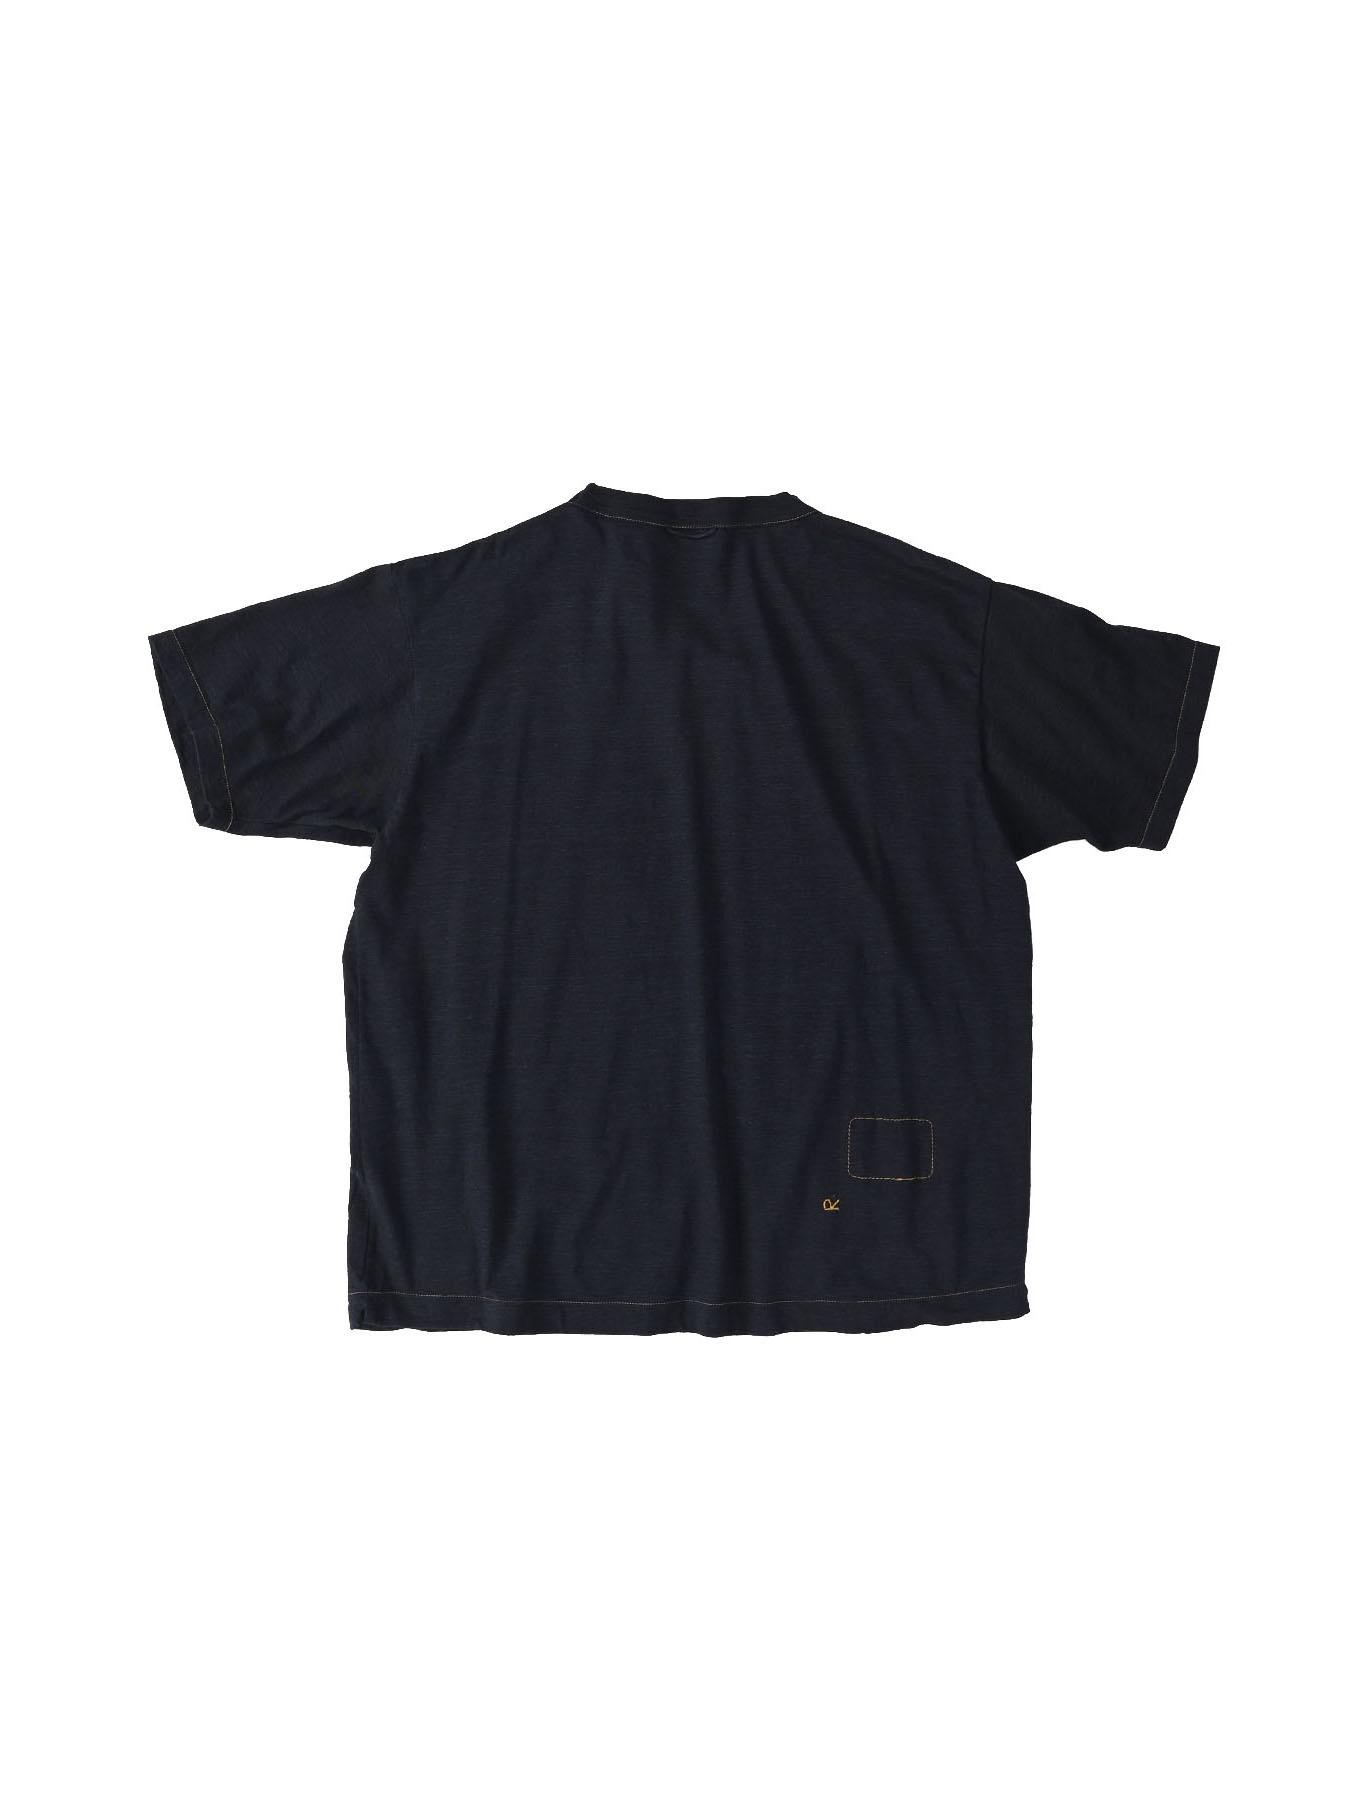 Indigo Sumite de Whale T-shirt-9